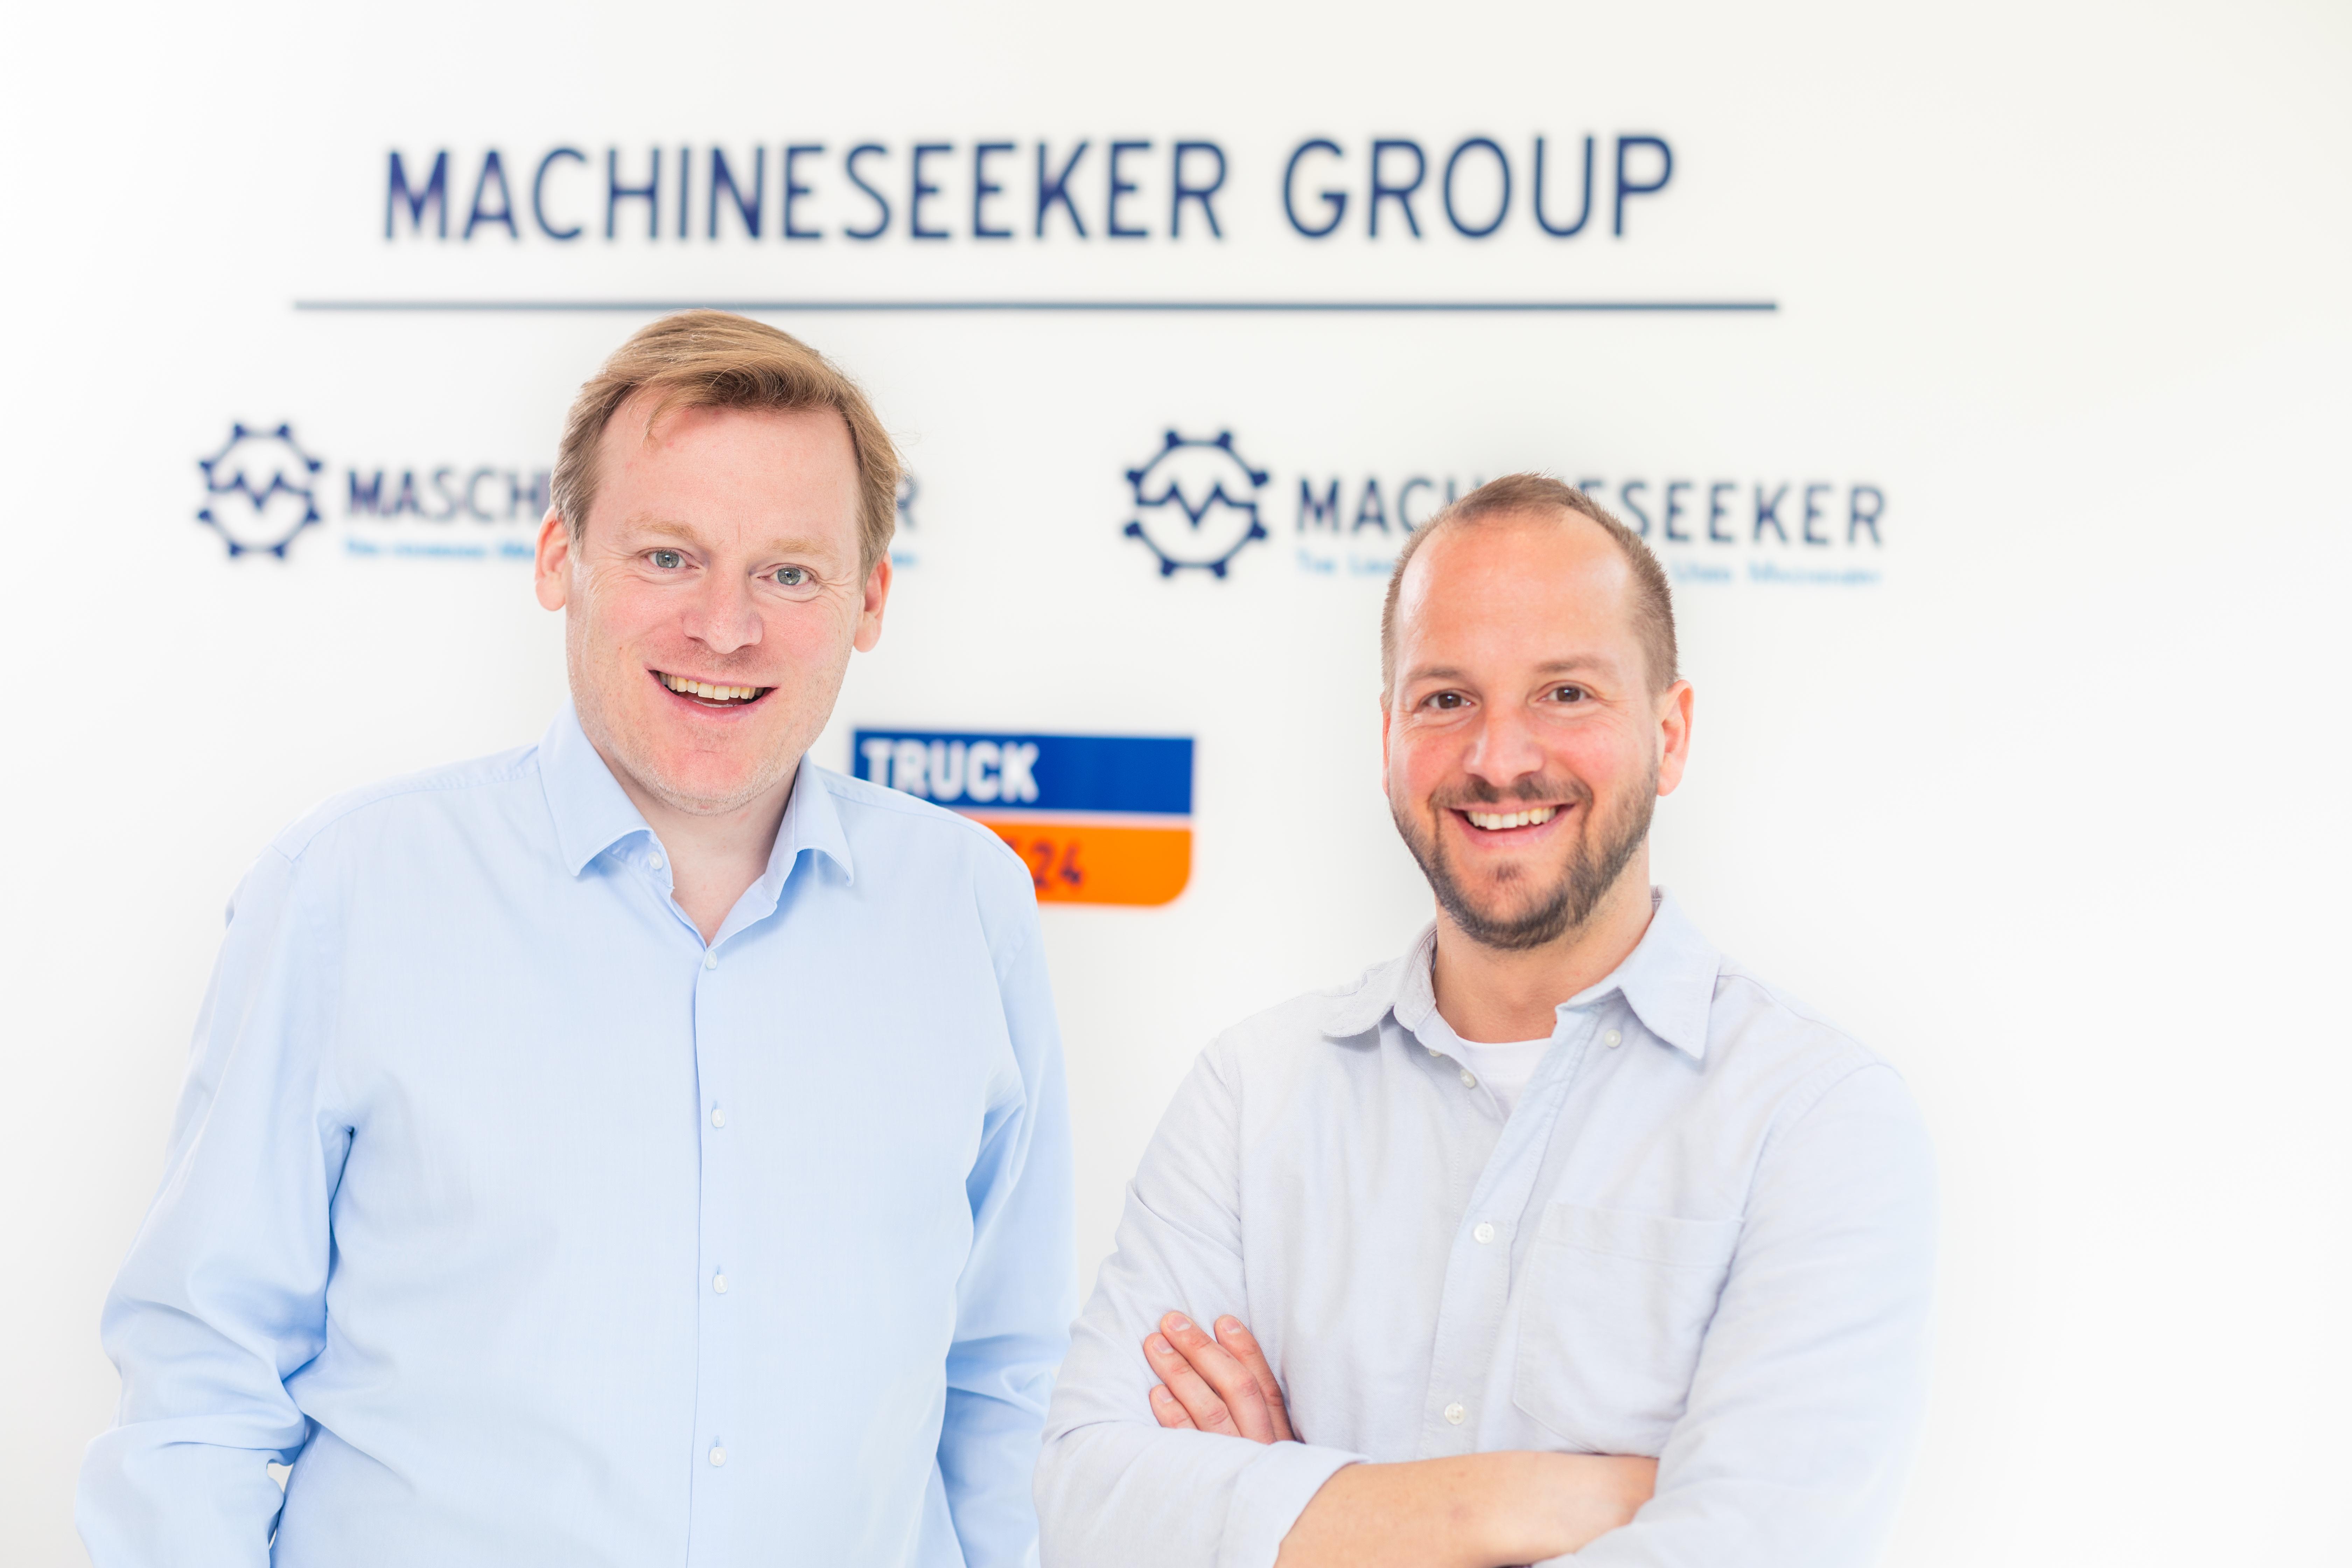 680b8b0ce3c About - Machineseeker Company